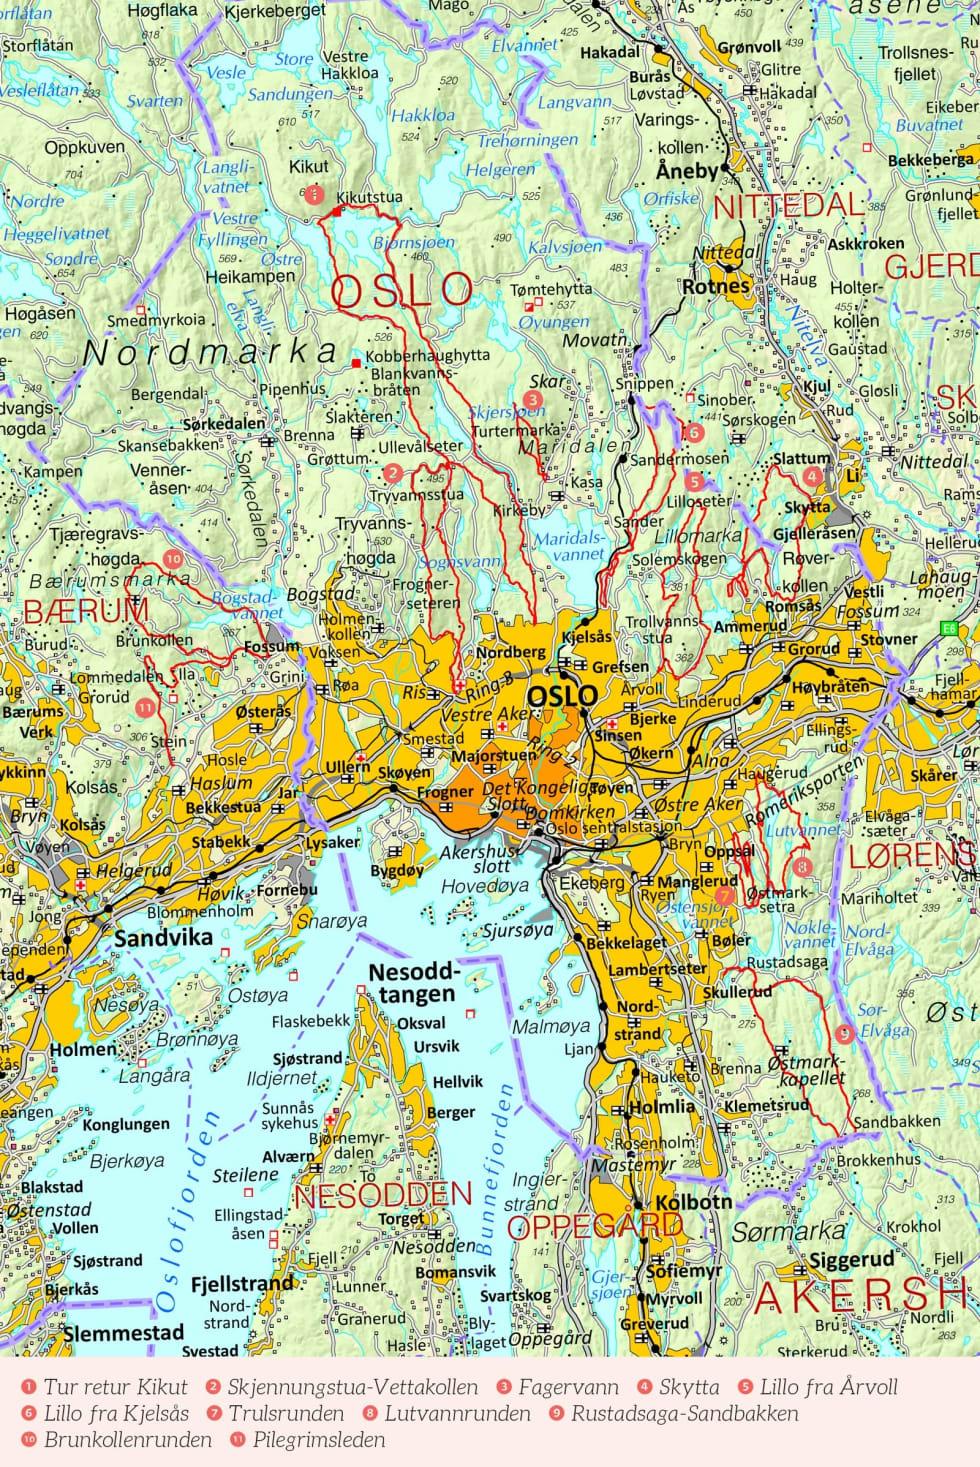 Oversiktskart over Oslo med inntegnet rute. Fra Stisykling i Norge